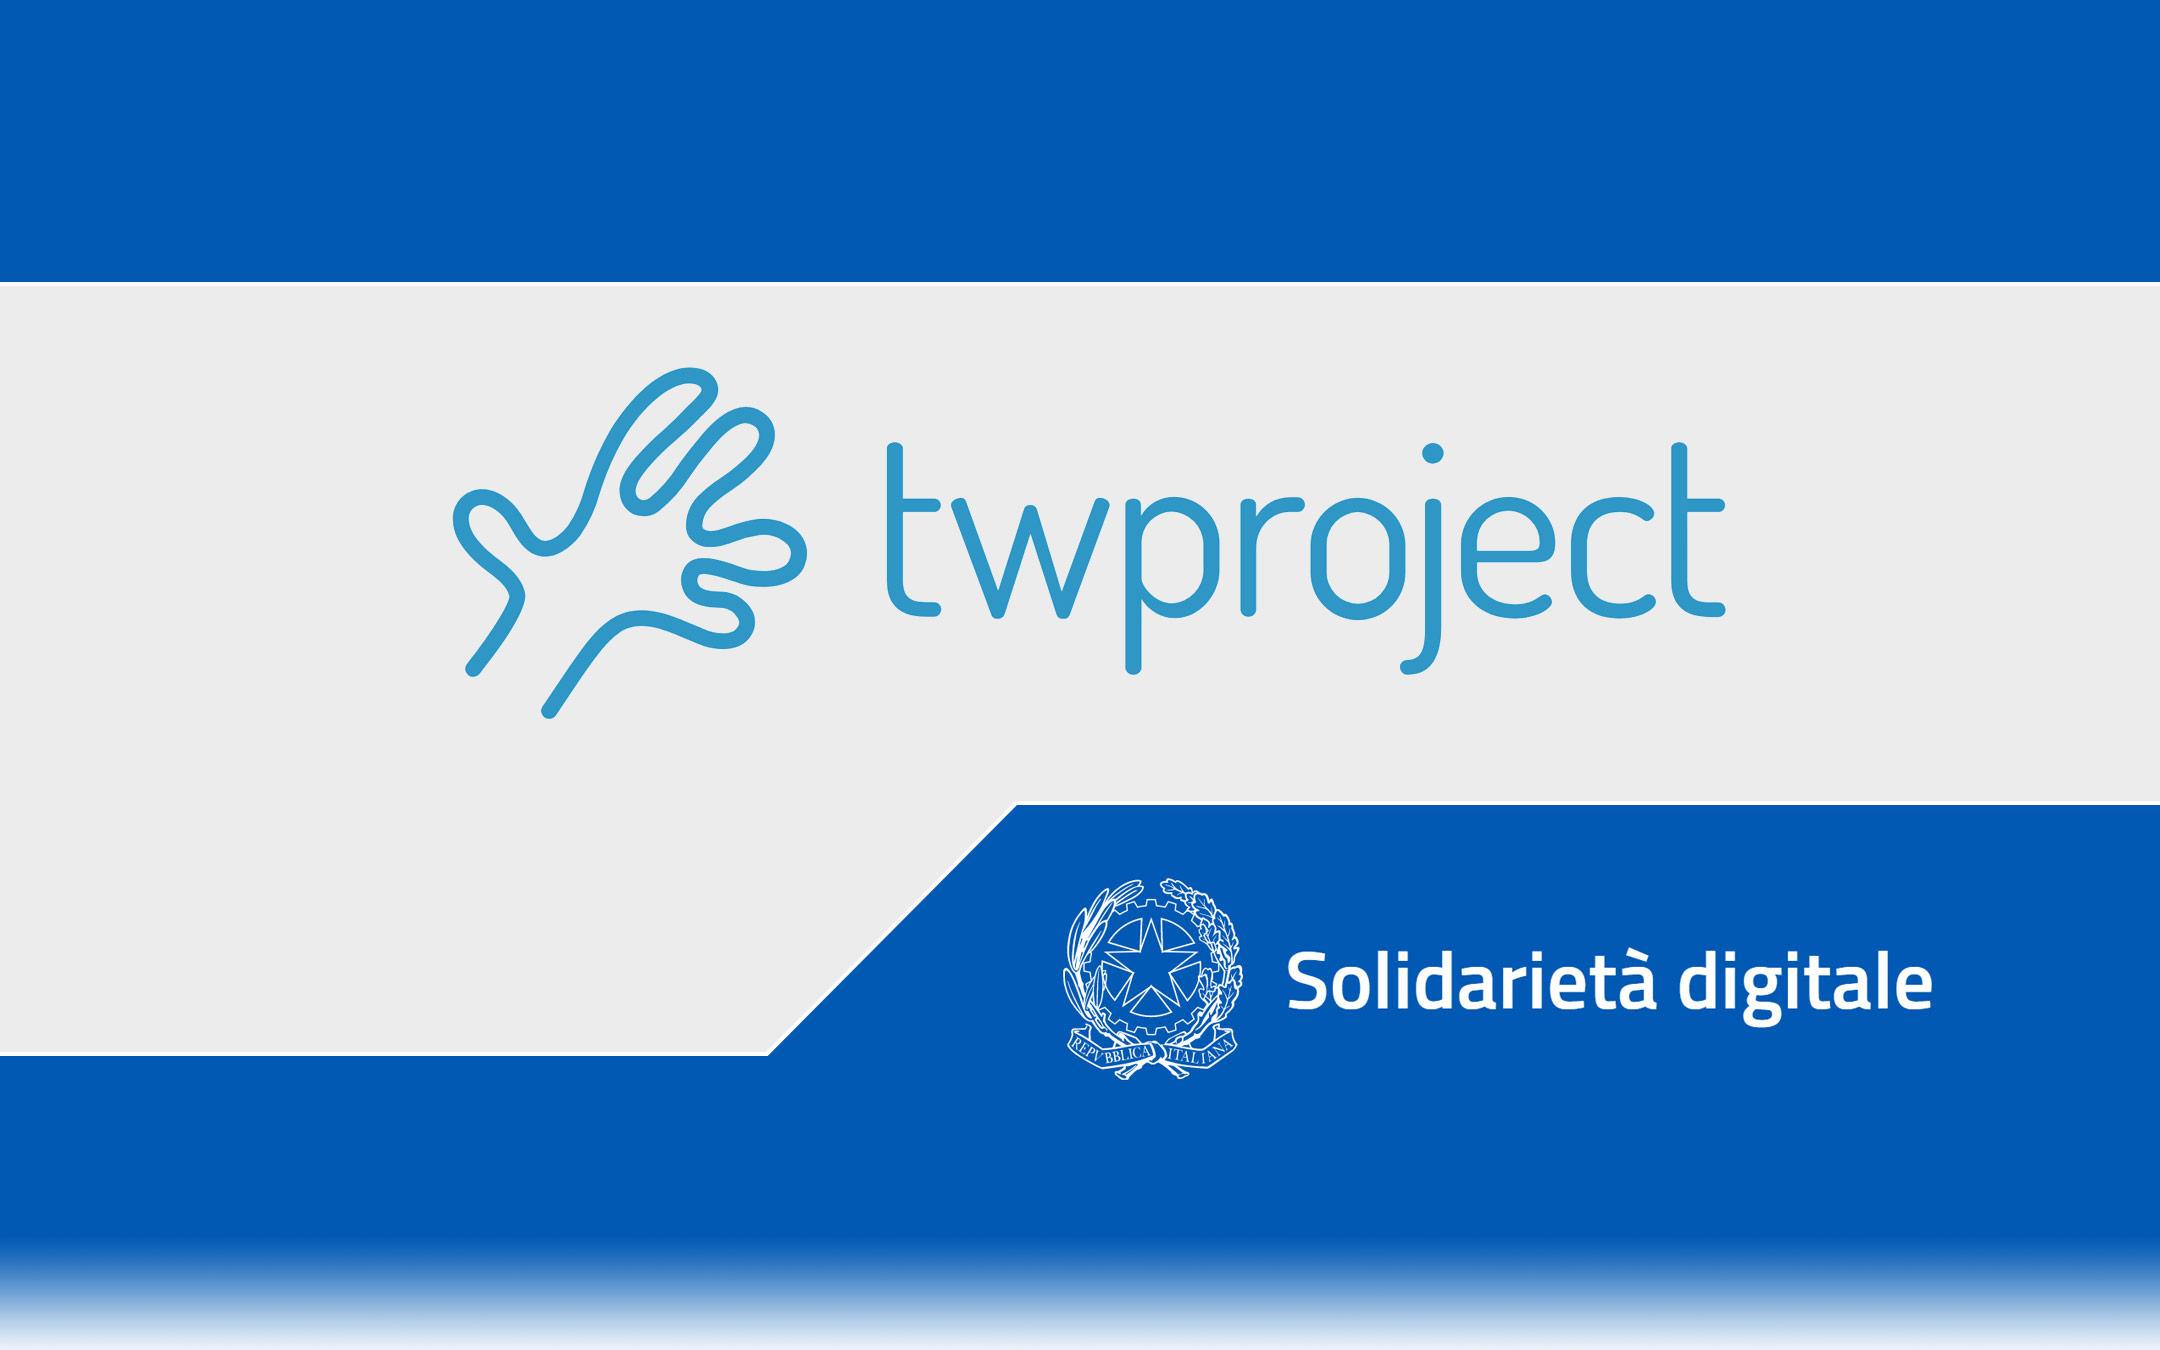 Solidarietà Digitale: Twproject per gestire i team